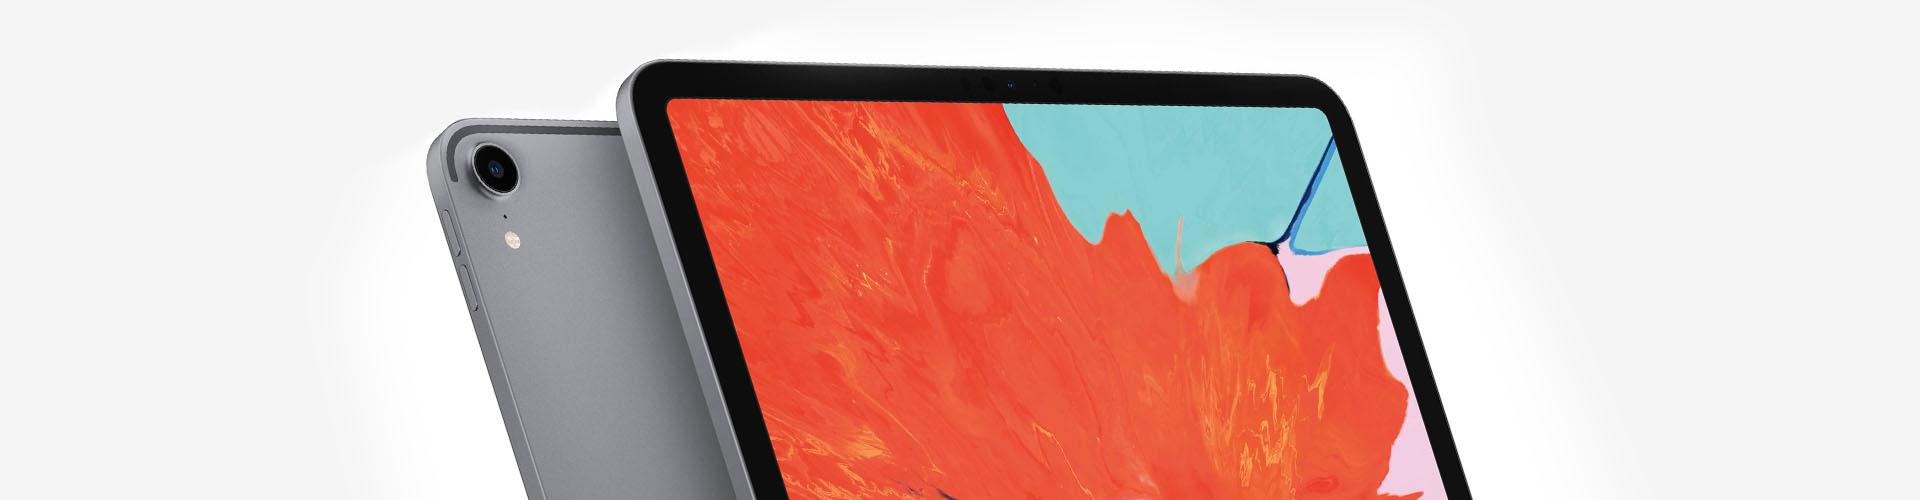 ipad-tablets_1920X500